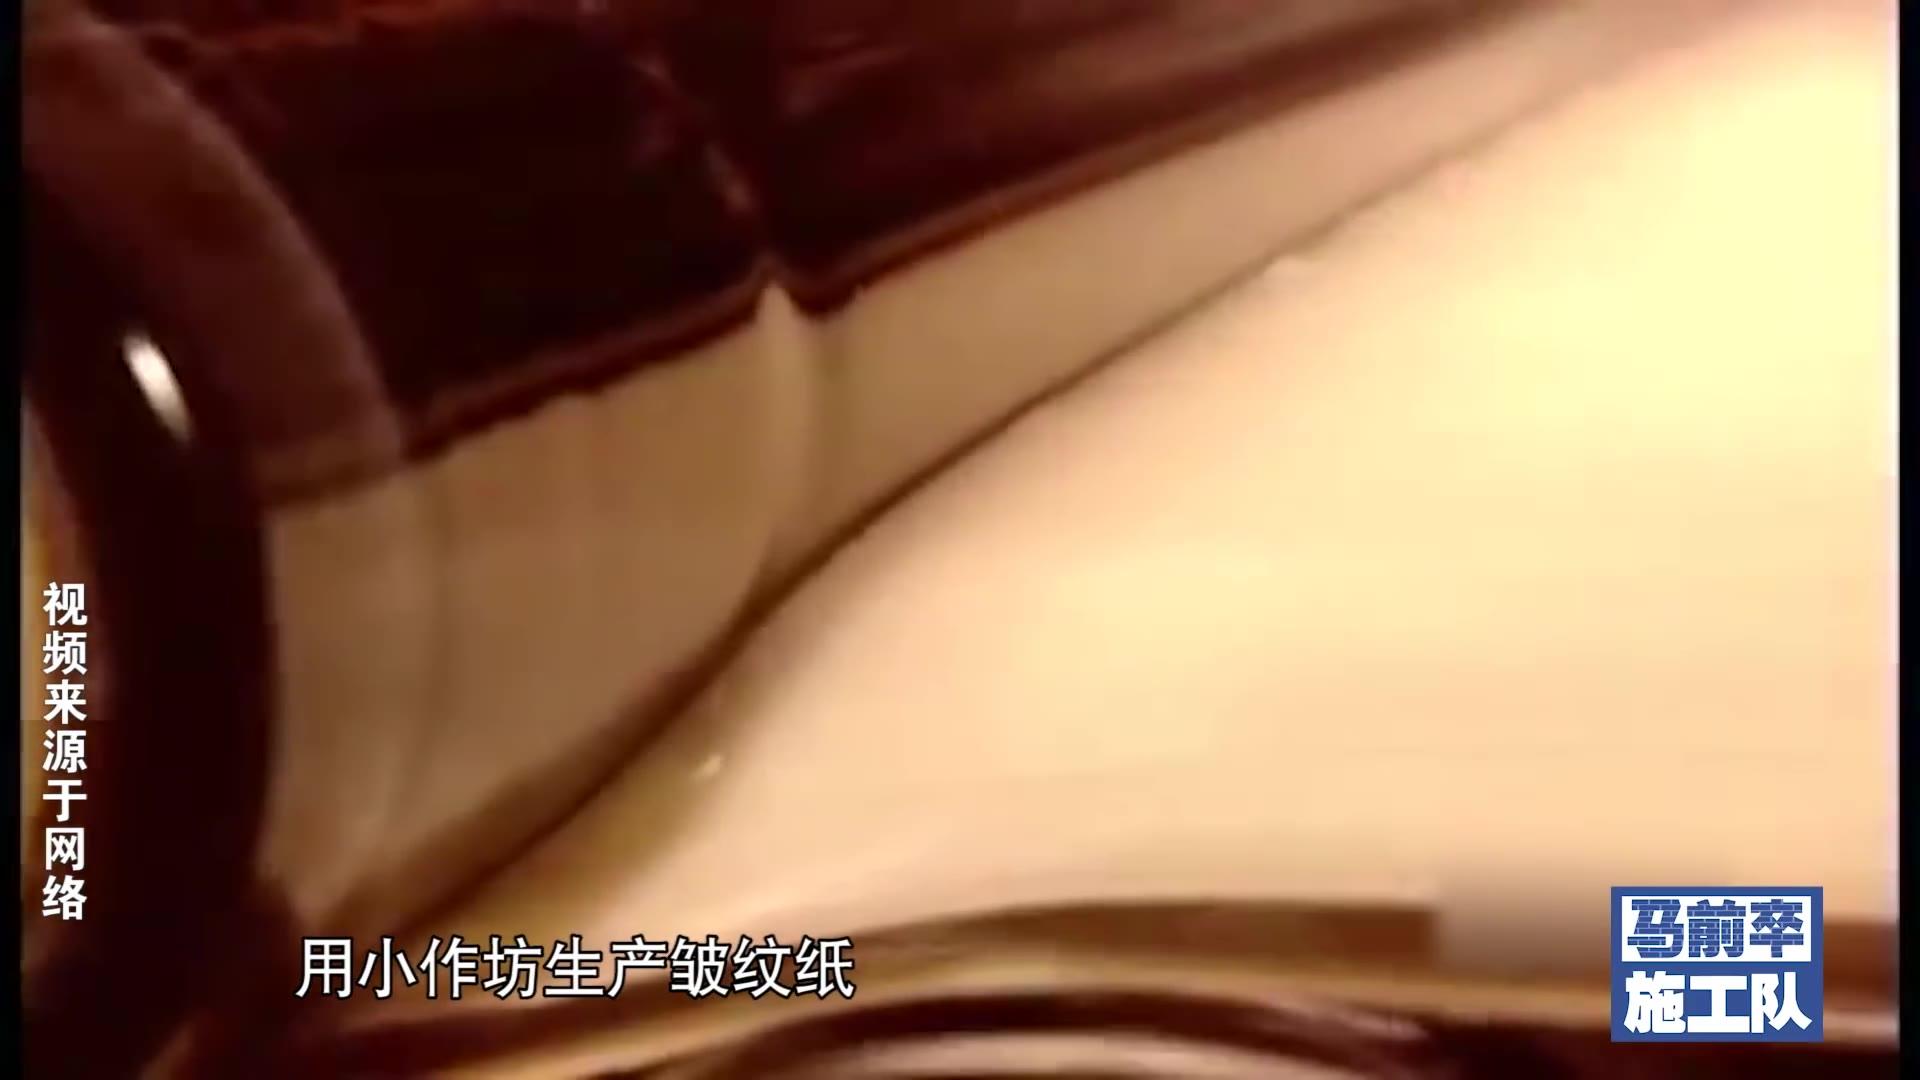 万物由来·纸巾:纸巾时代如何取代手帕时代